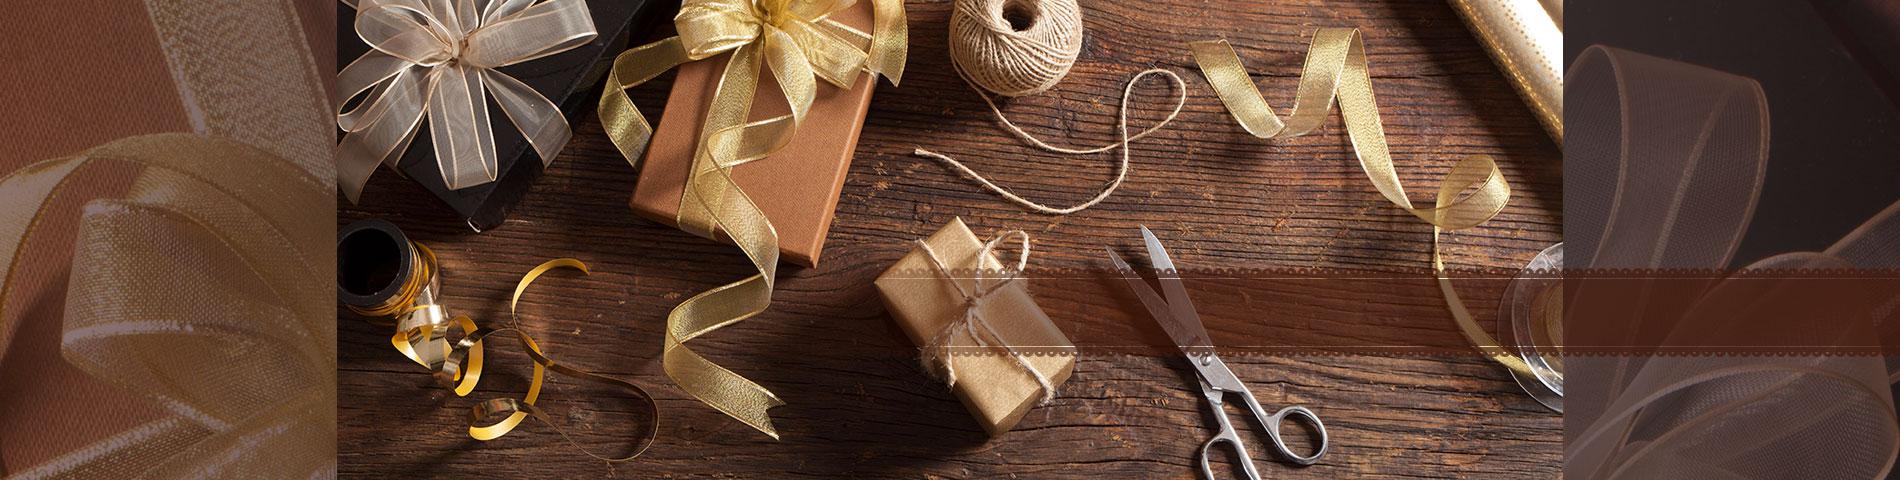 絶妙なパッケージ装飾のためのリボン